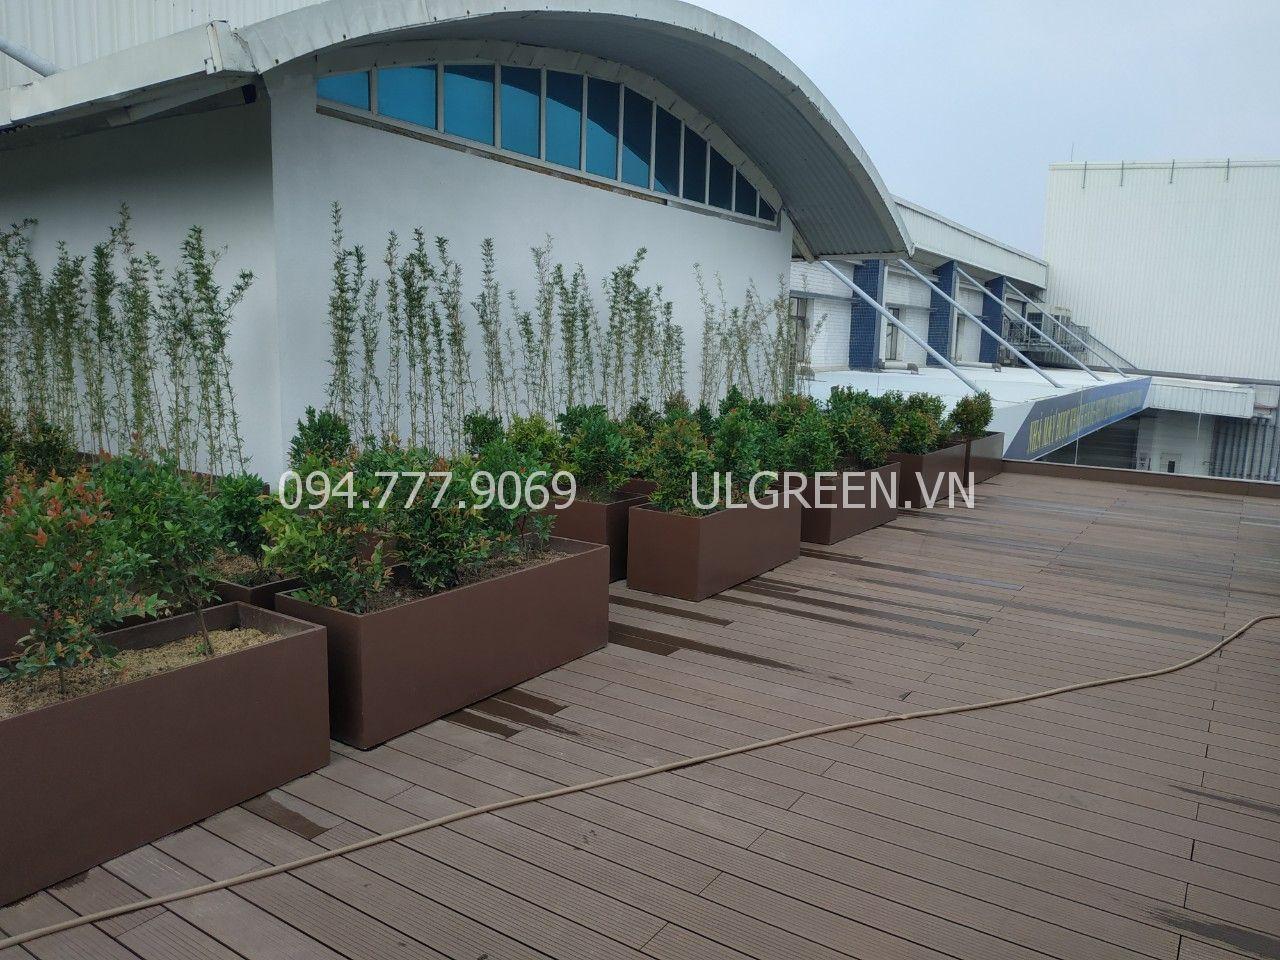 Dự án khu công nghiệp tại Thái Bình